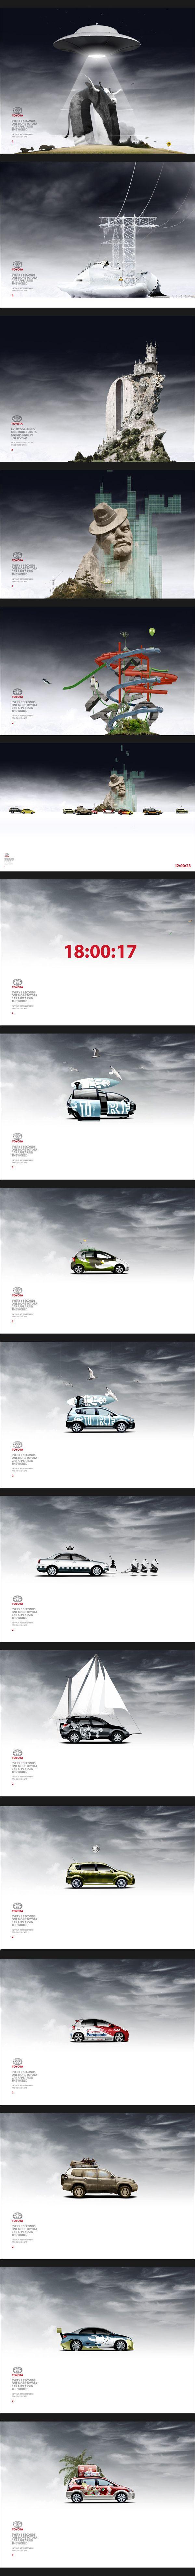 Toyota screensaver project by Alex Kudryavtsev, via Behance